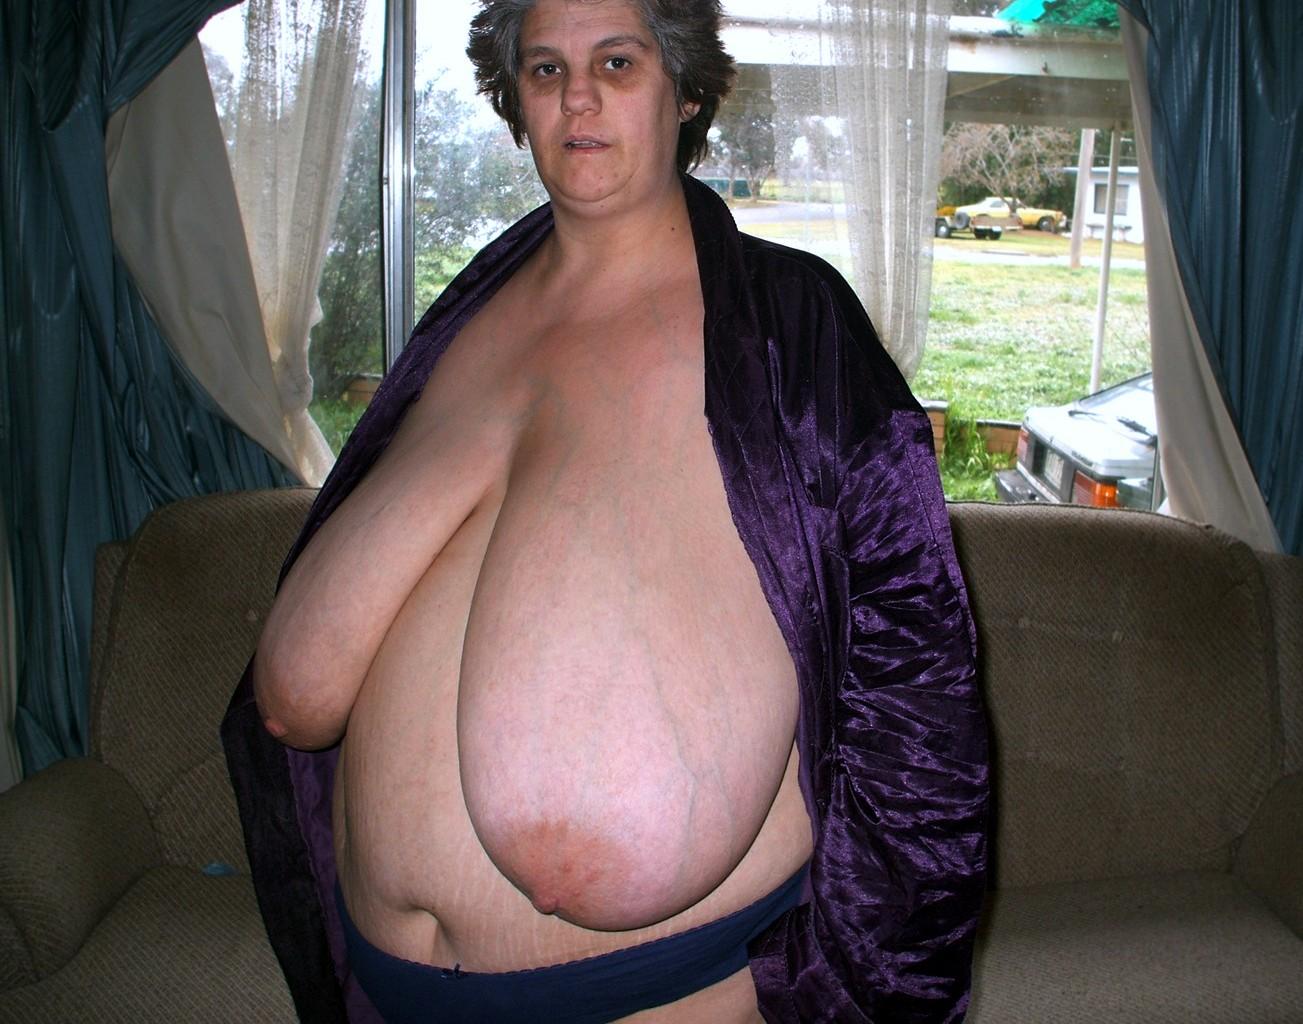 Фото большие и обвисшие сиськи, Фото женщин с отвисшими сиськами Частные порно 16 фотография